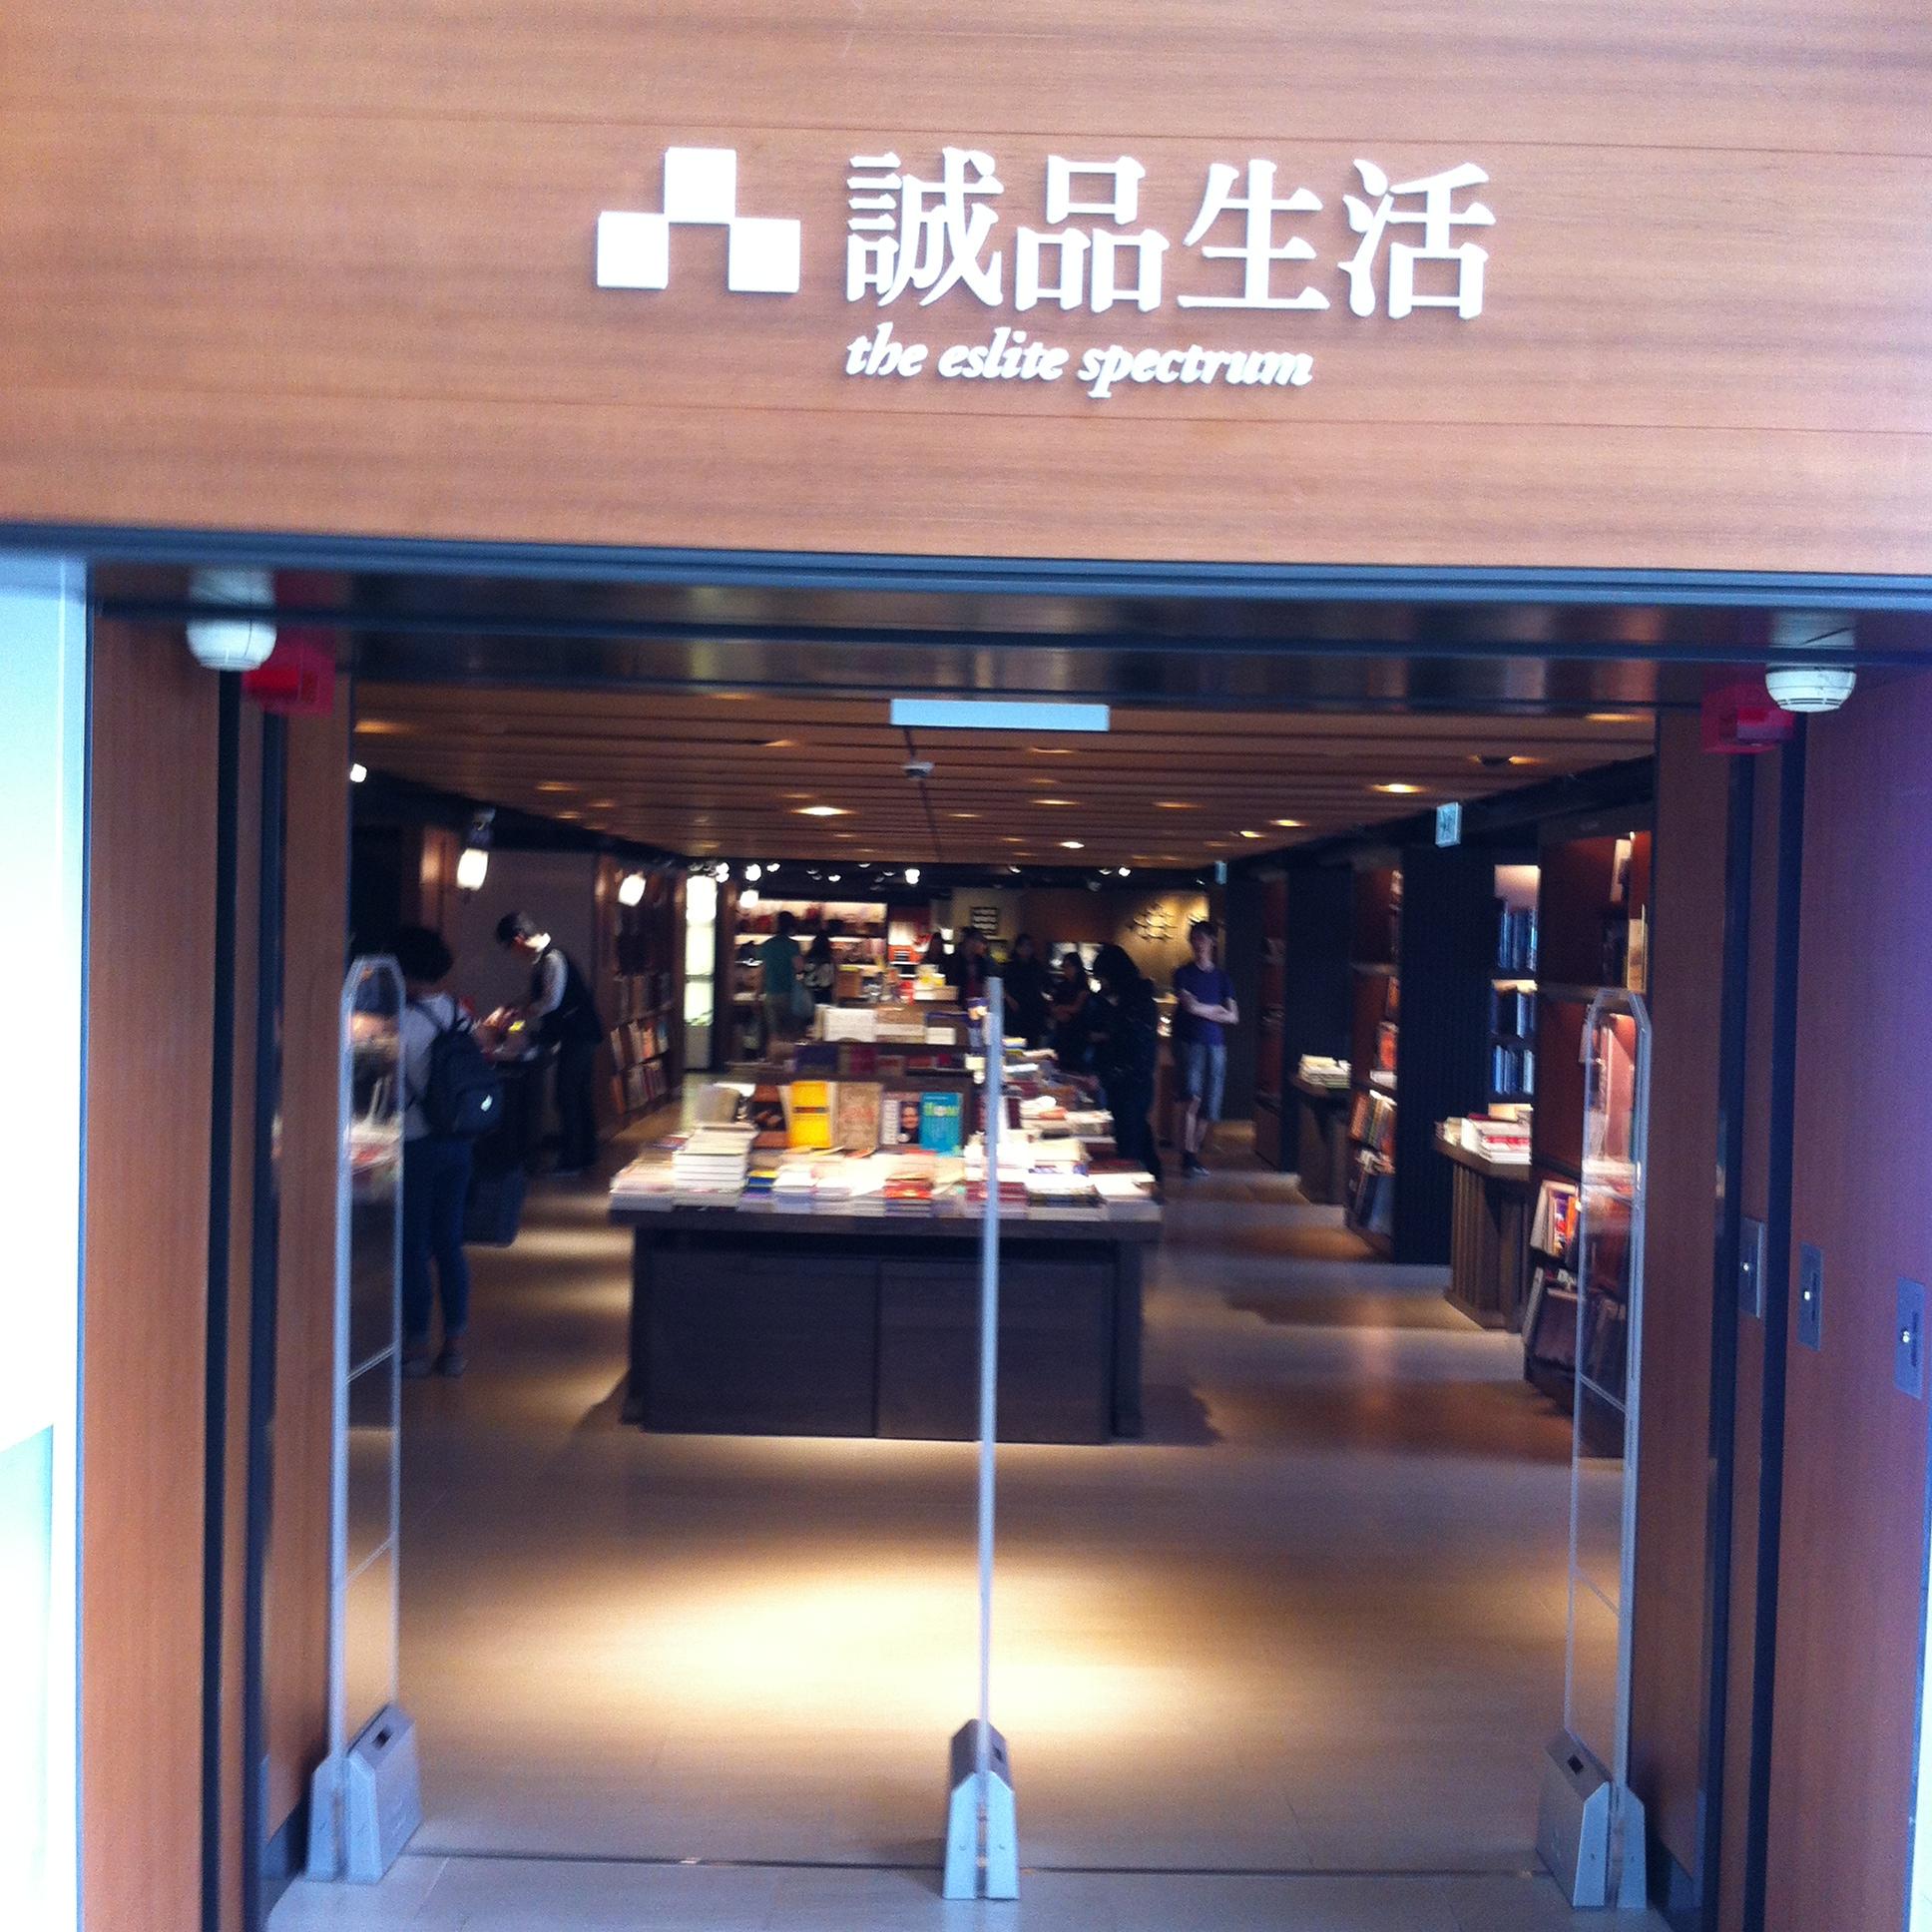 【買い物】香港にある台湾の誠品書店は台湾より豪華